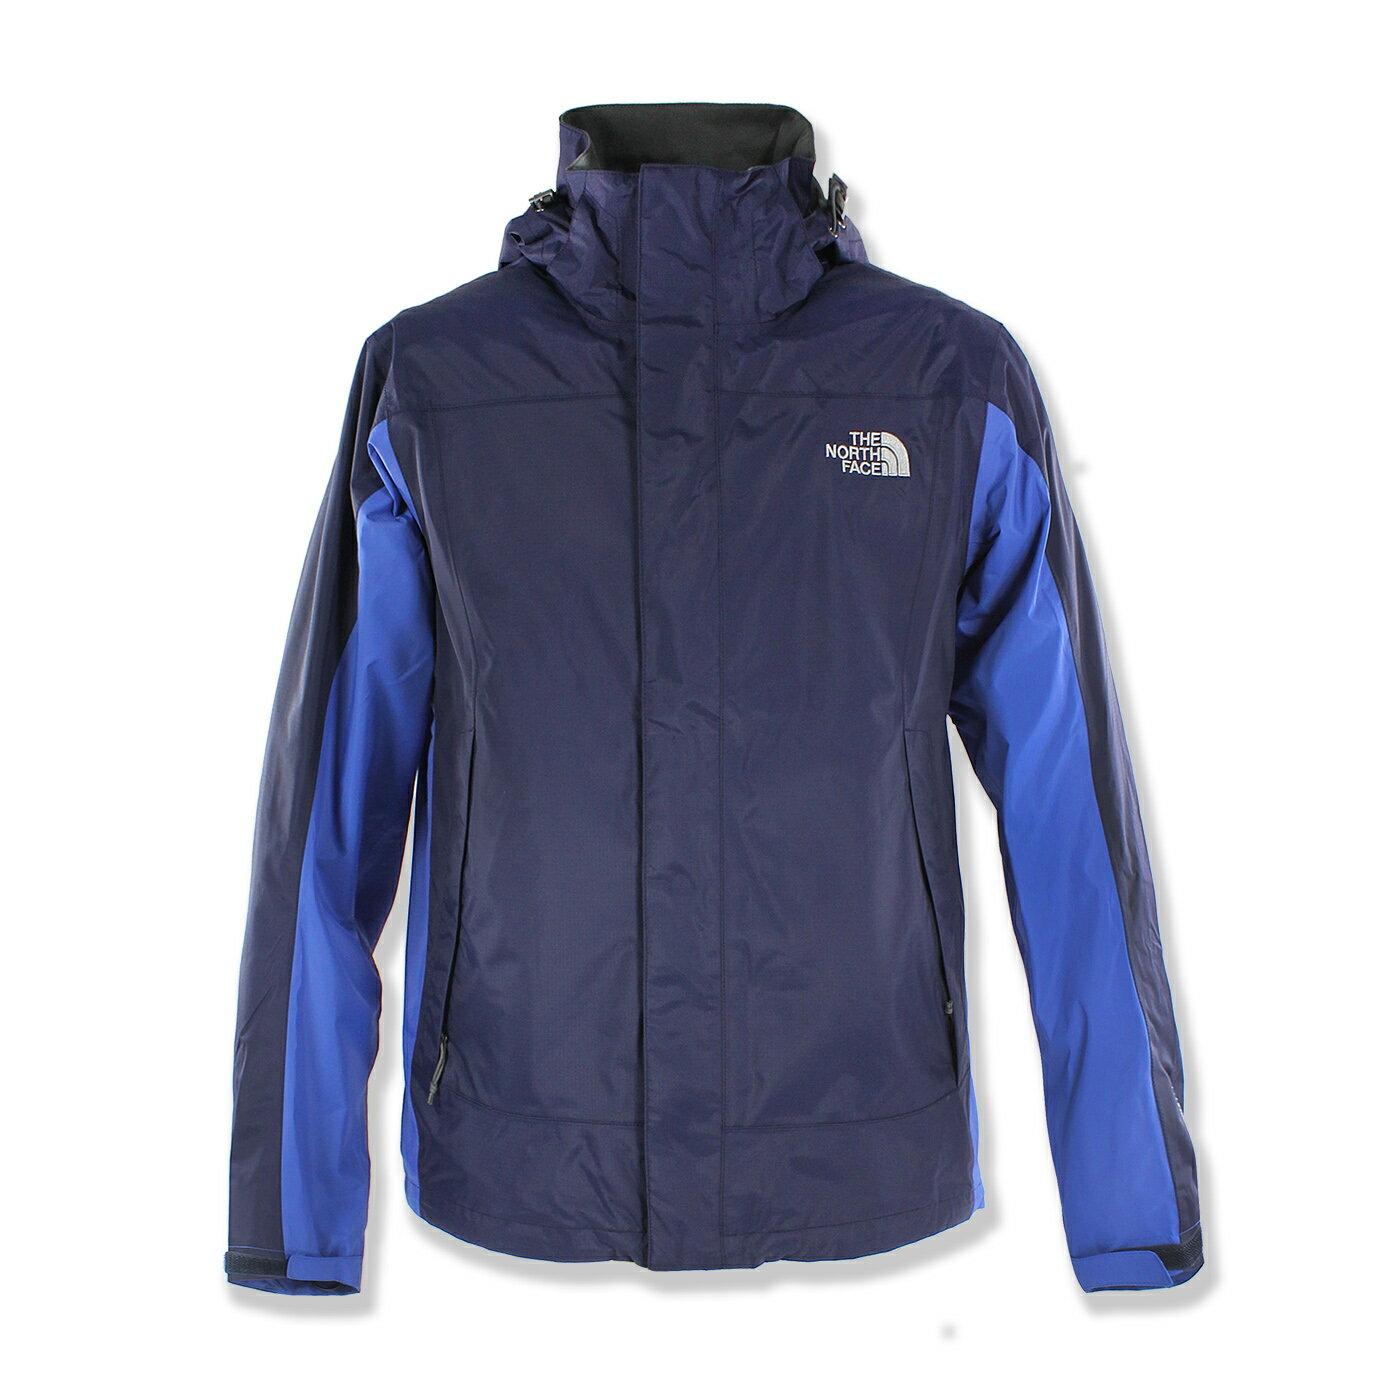 美國百分百【The North Face】防風 連帽 外套 TNF 防水 保暖 防寒 北臉 單件 深藍 S號 F787